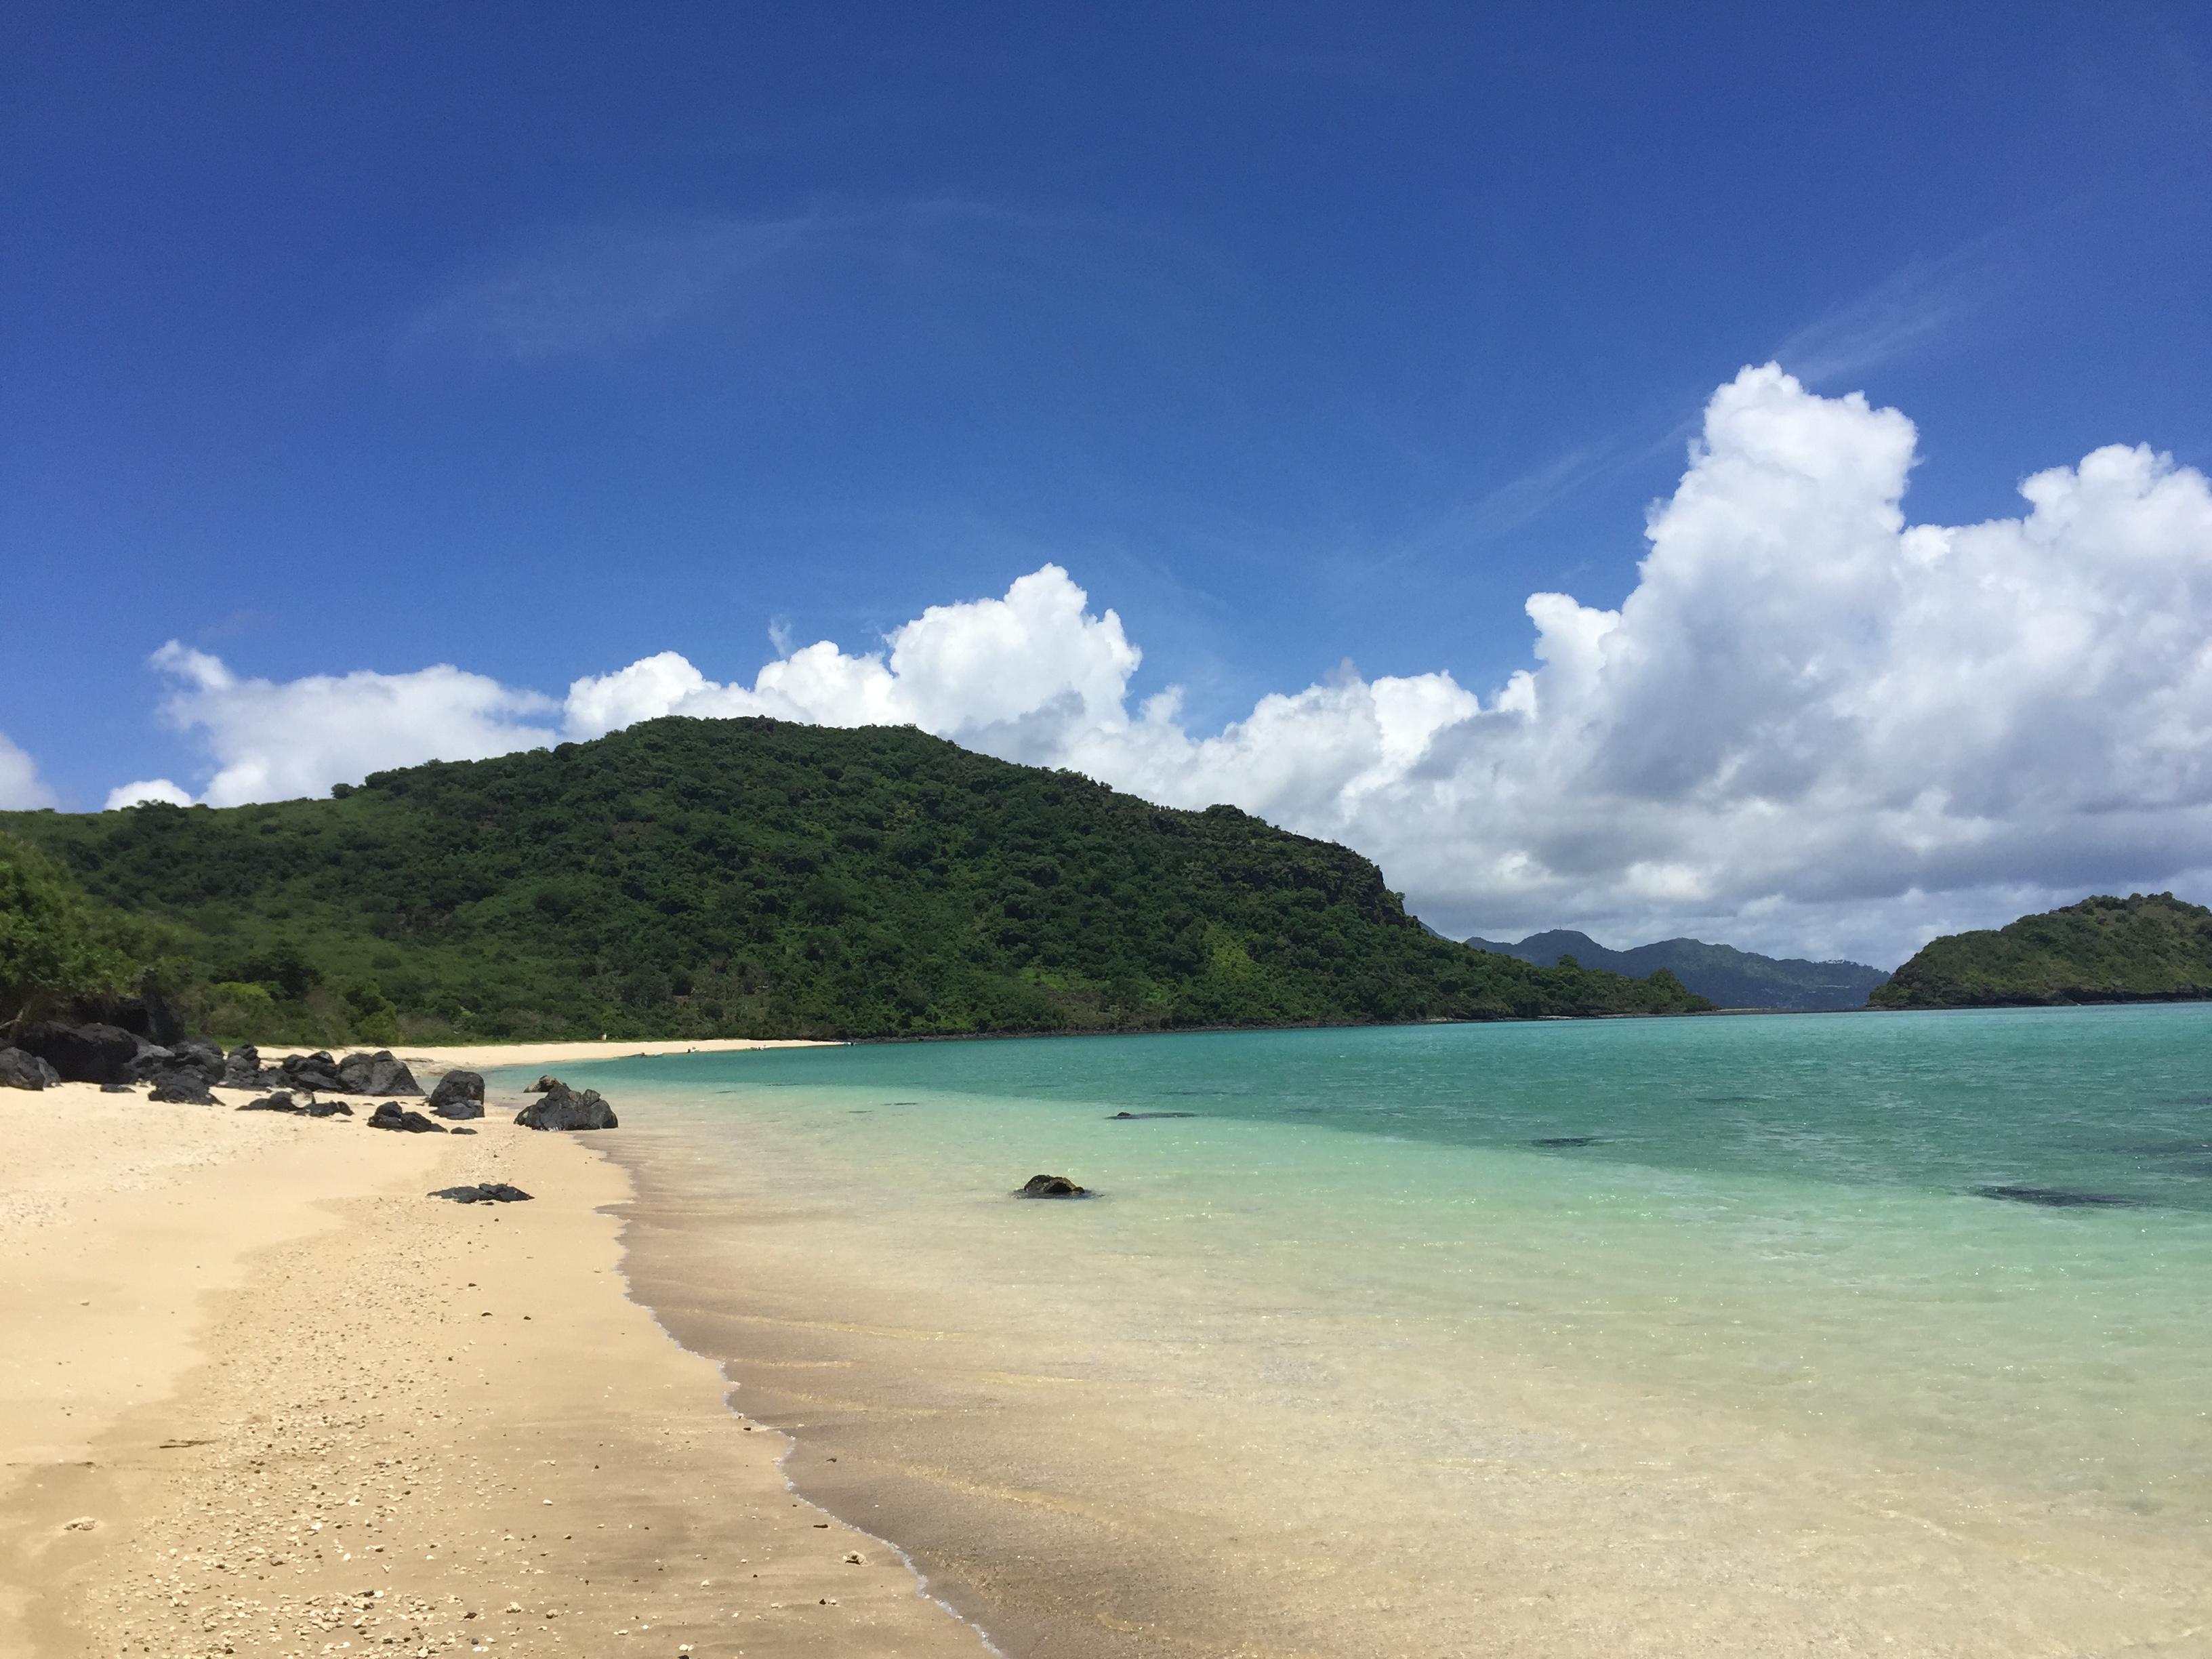 Risultati immagini per isola di maiotta nell'oceano indiano